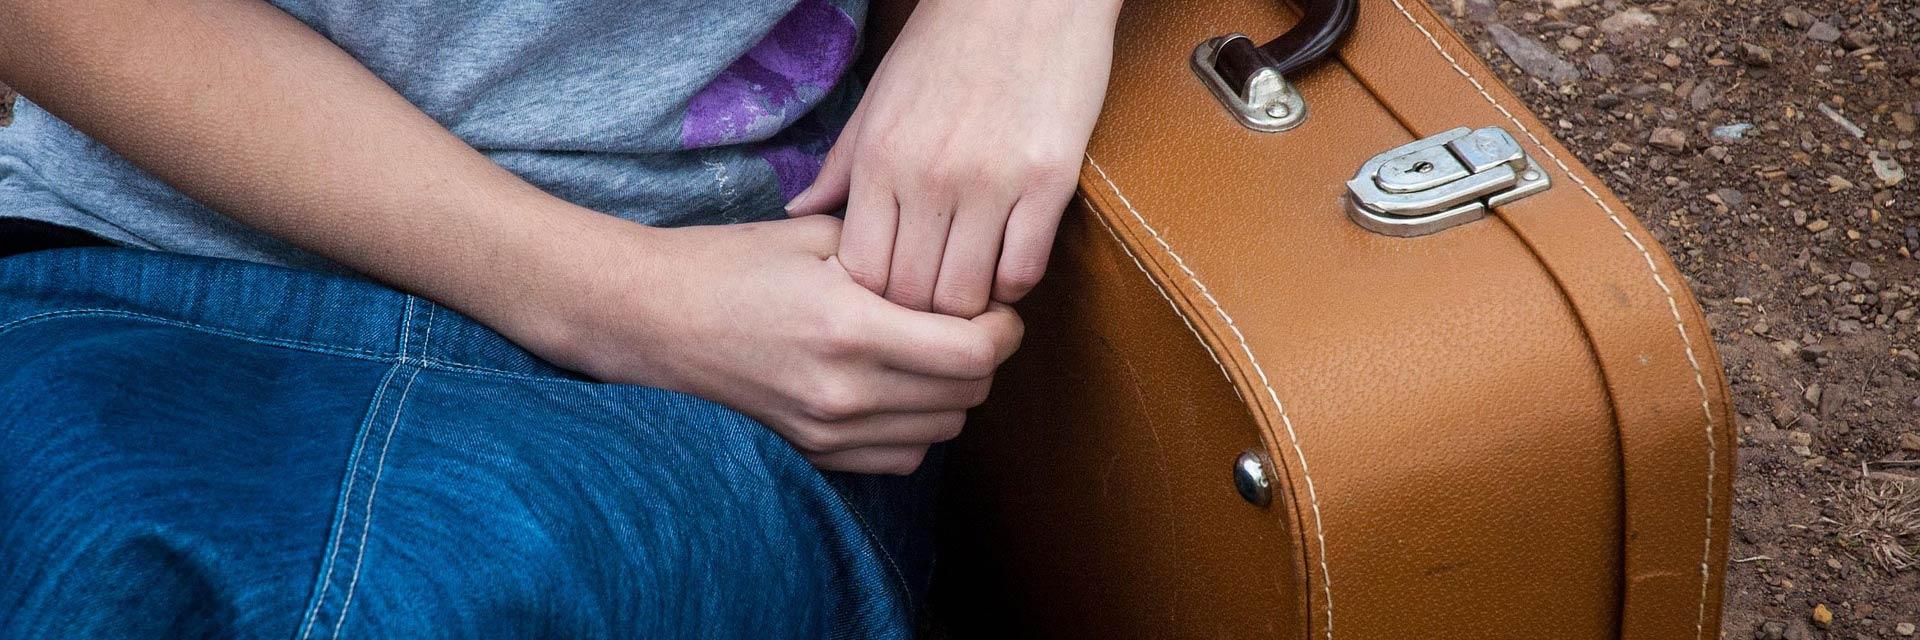 suitcase_1920t